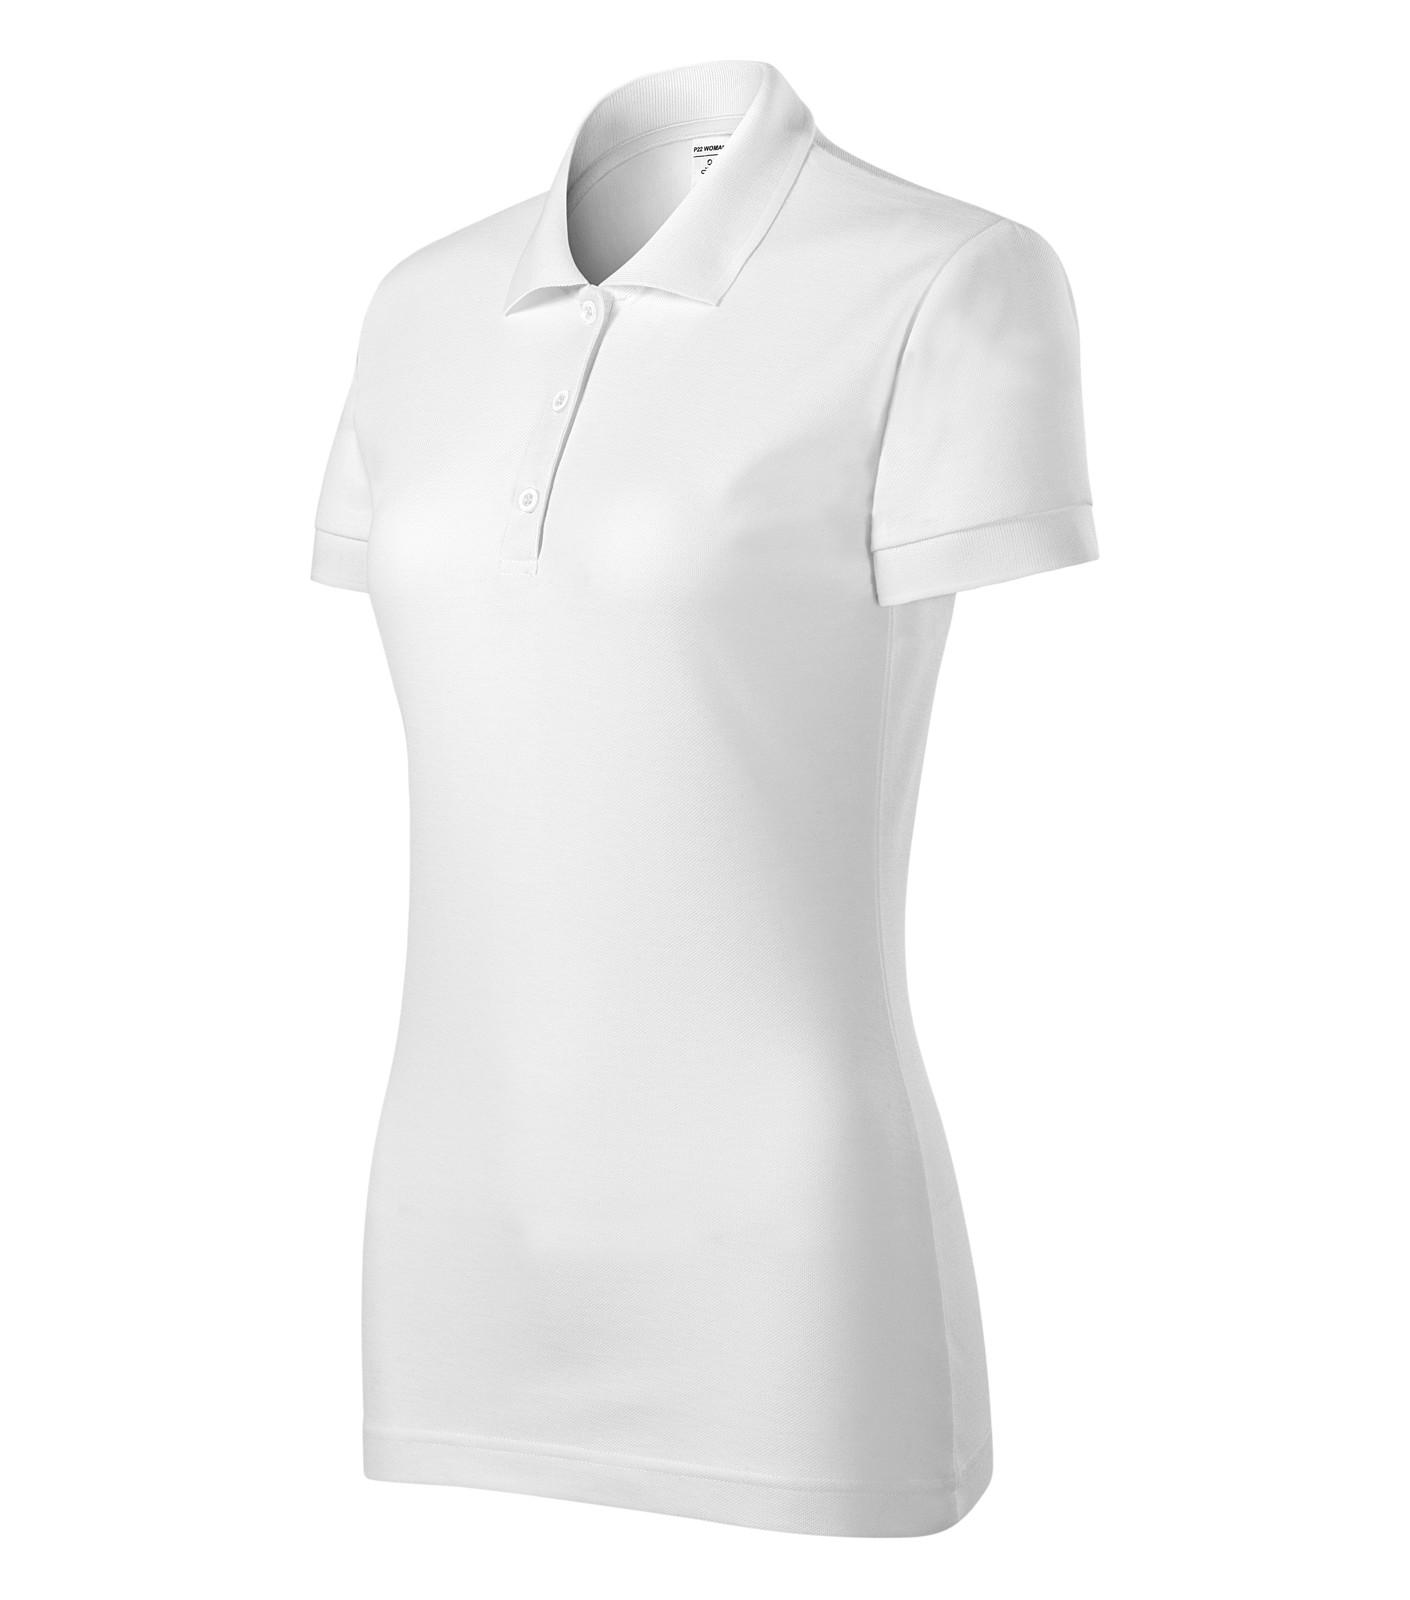 Polo Shirt women's Piccolio Joy - White / 3XL